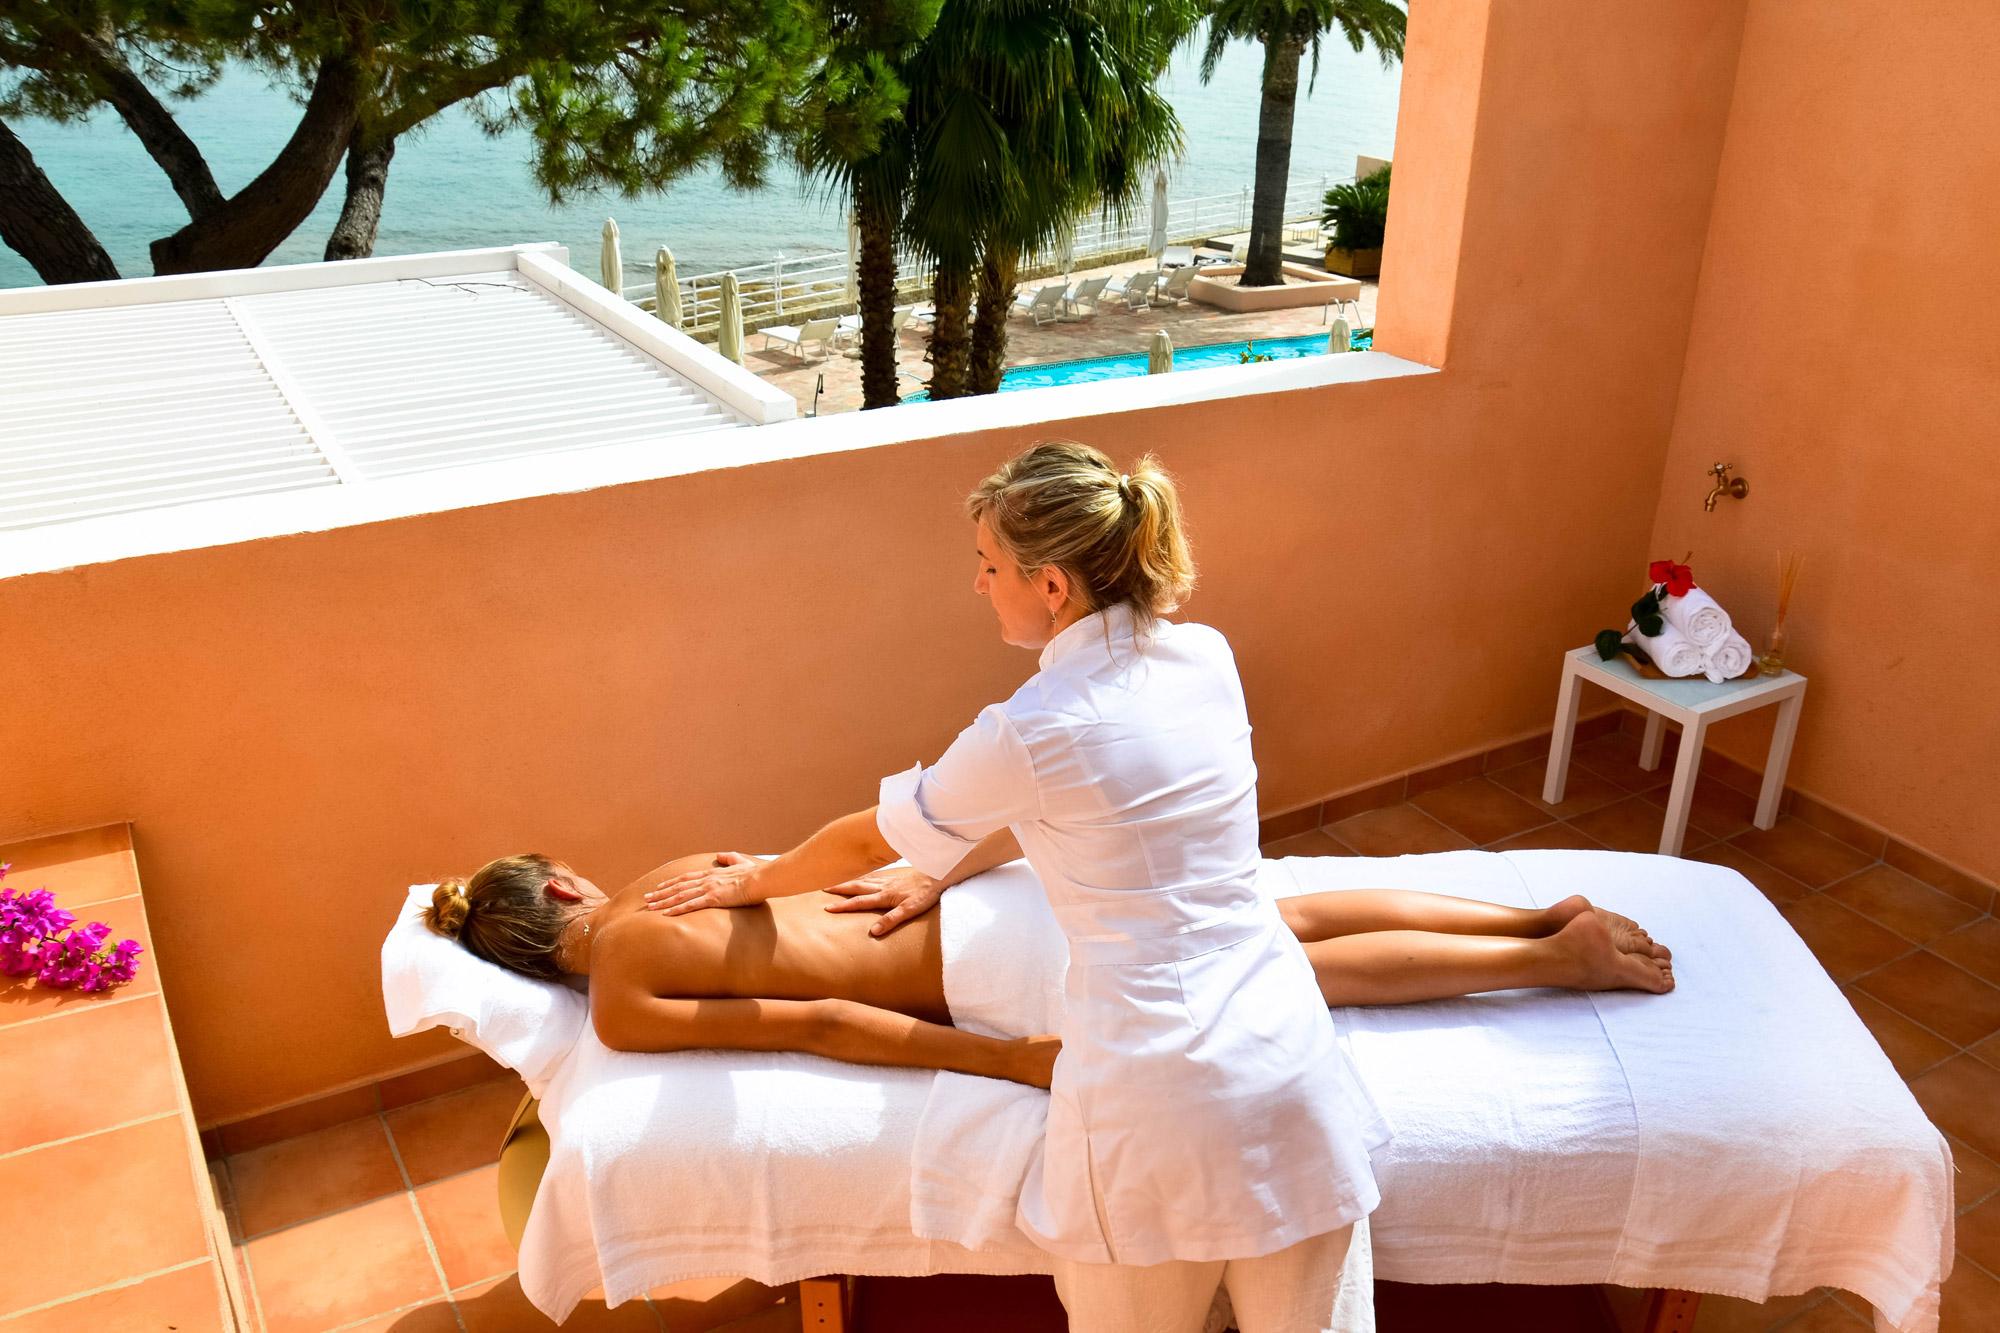 Jeune femme installée sur une table de massage sur un balcon de chambre d'hôtel, en train de recevoir un soin.